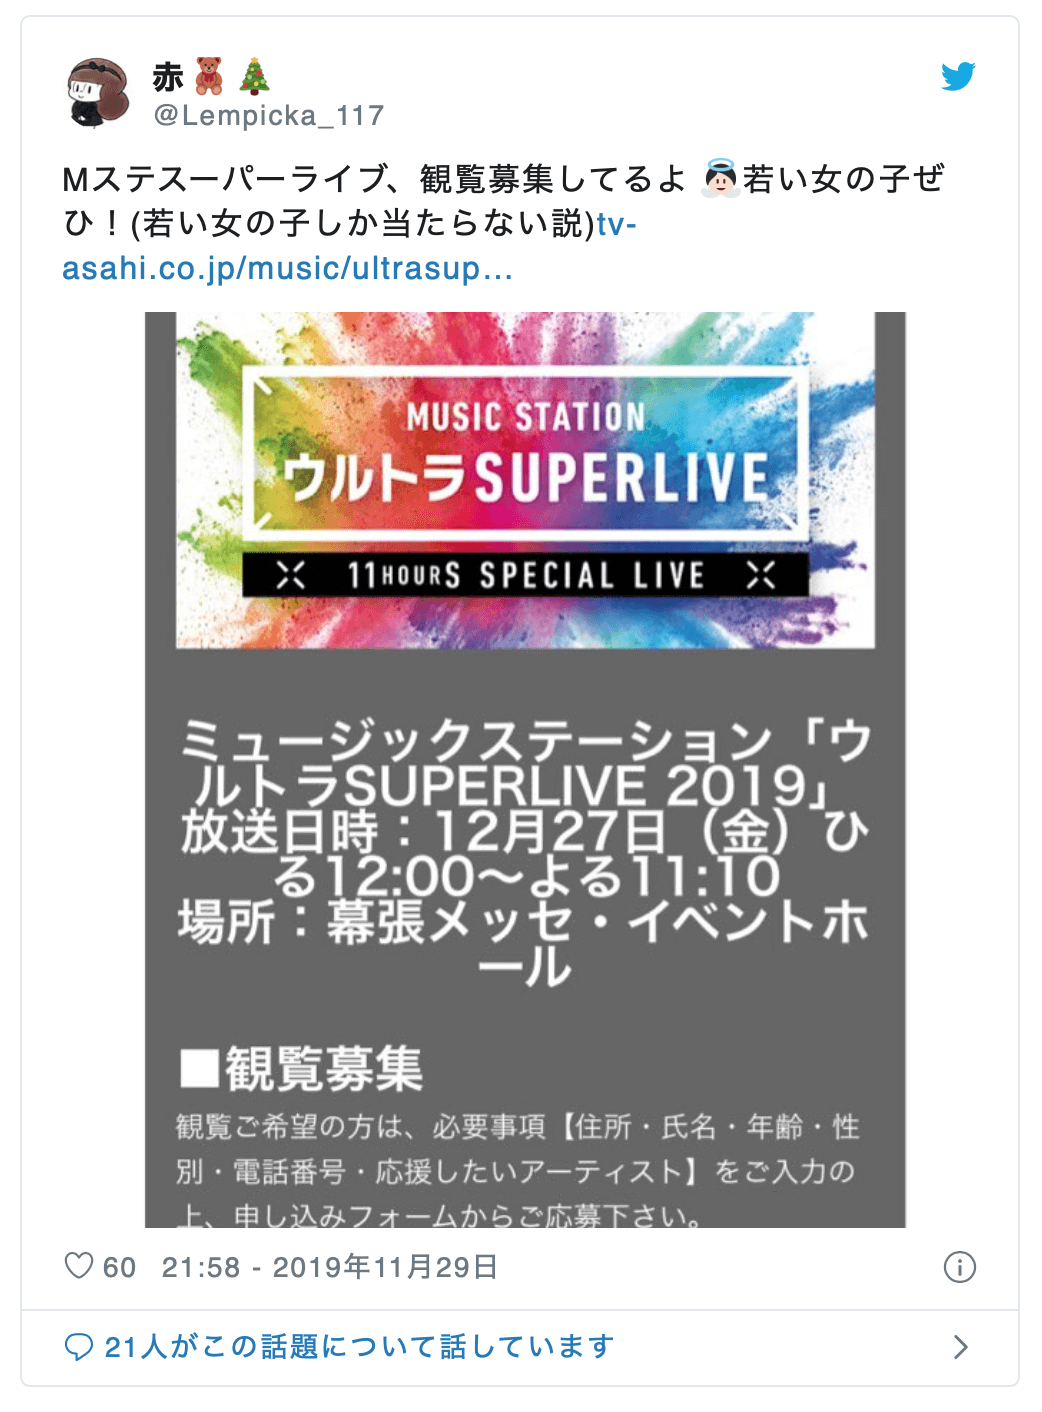 【Mステスーパーライブ2019】出演者や歌唱曲は?タイムテーブル・セトリ(曲目)